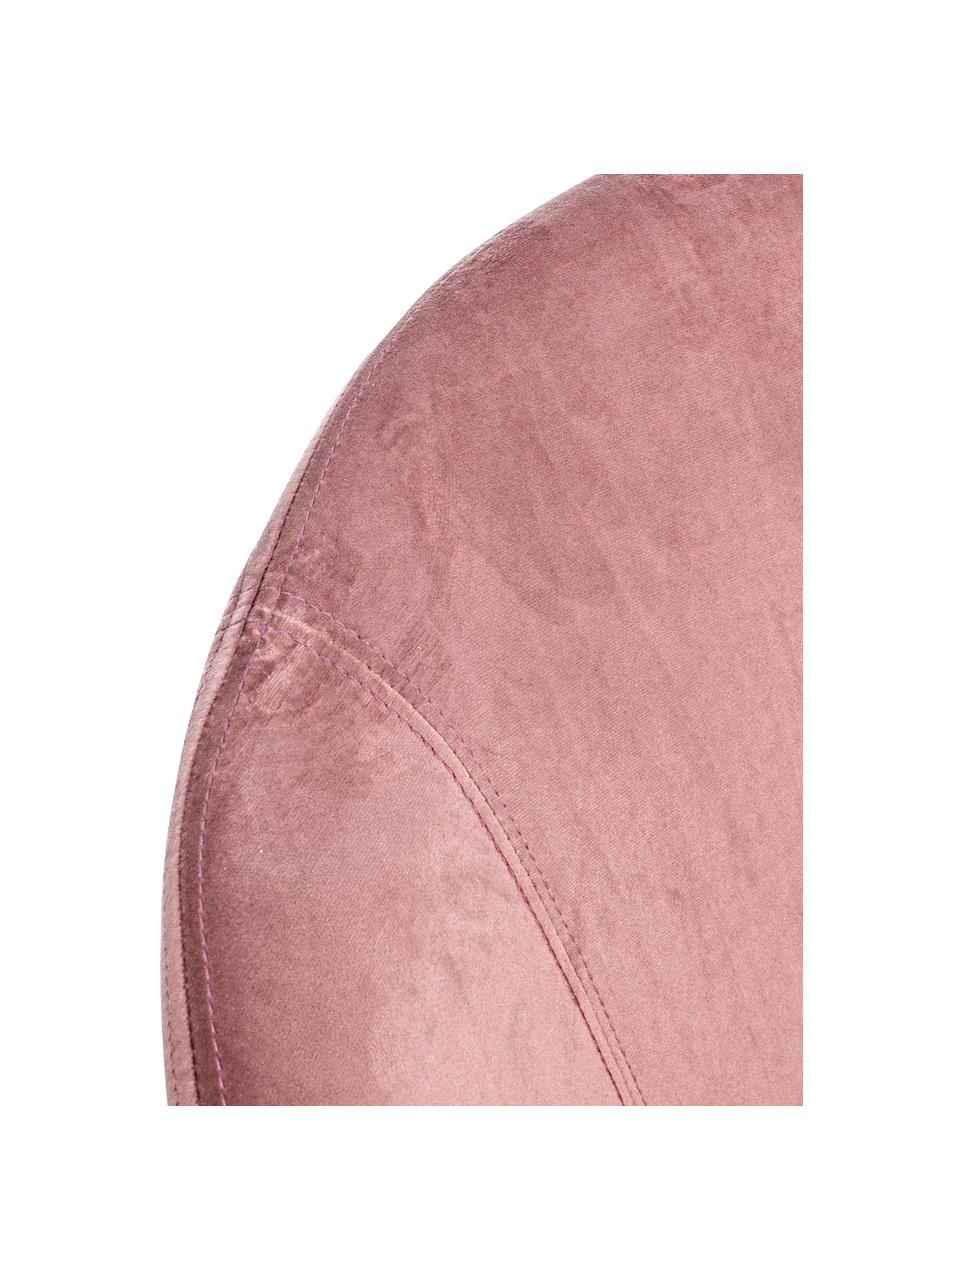 Samt-Schaukelstuhl Annika in Rosa, Bezug: Polyestersamt, Gestell: Metall, pulverbeschichtet, Korpus: Sperrholz, Metall, Samt Rosa, B 74 x T 87 cm